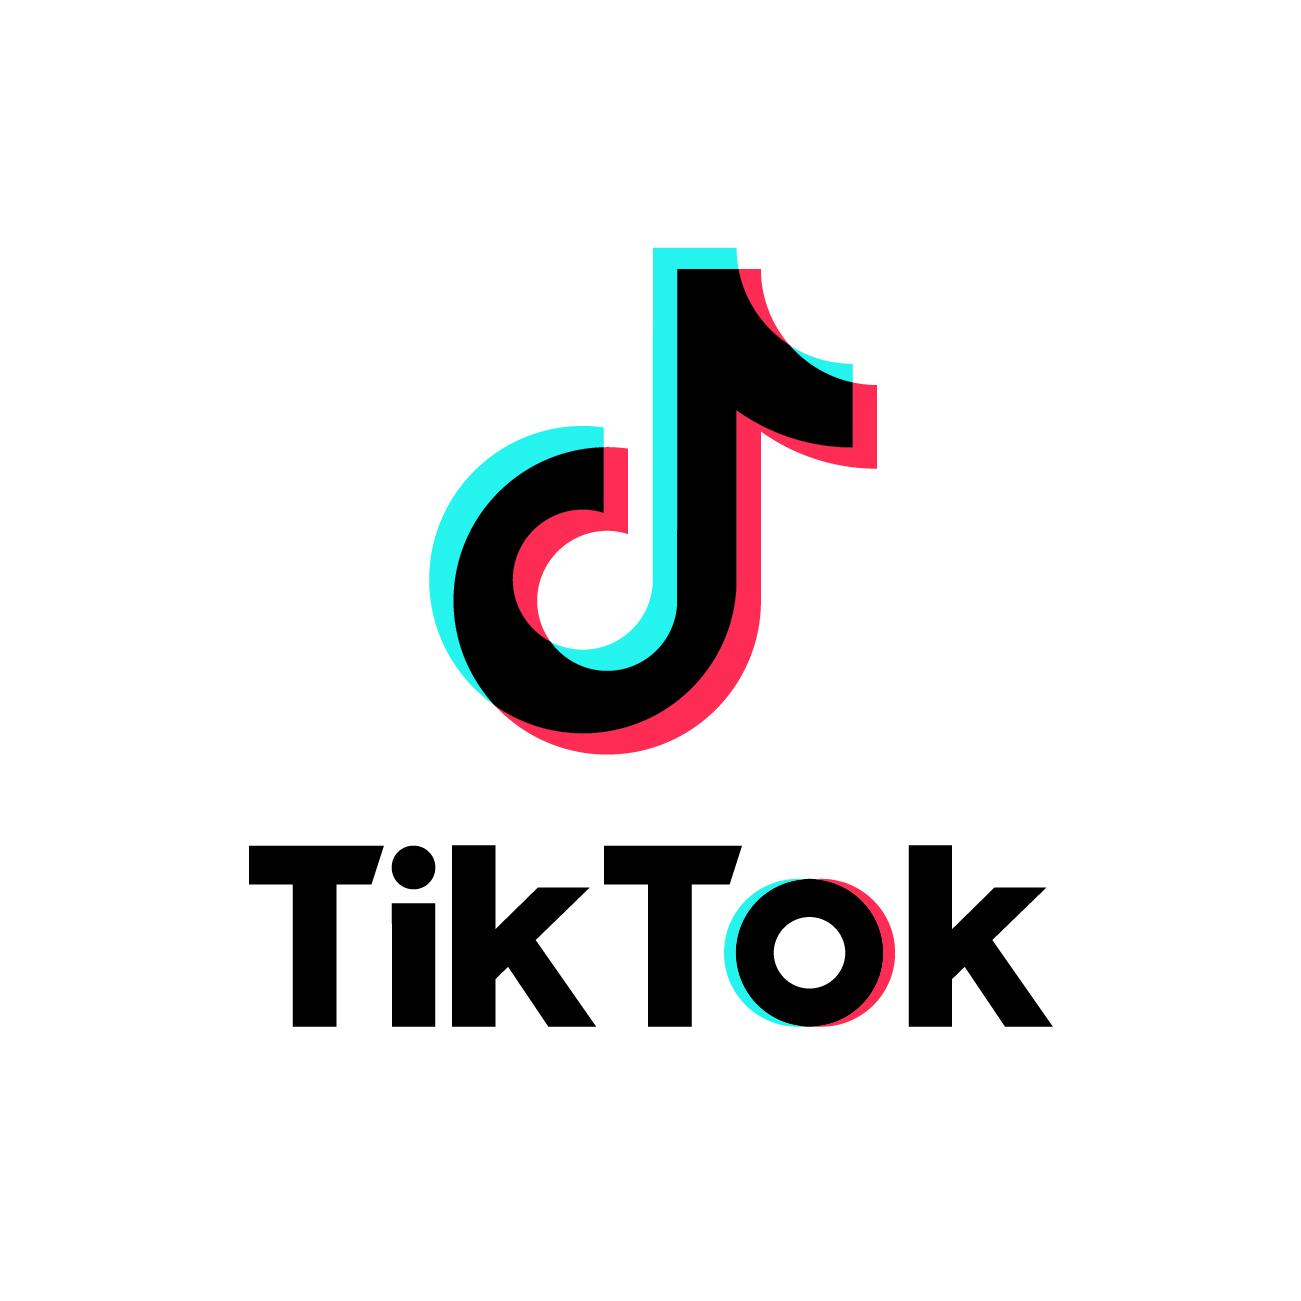 TikTokから皆さんへメッセージ